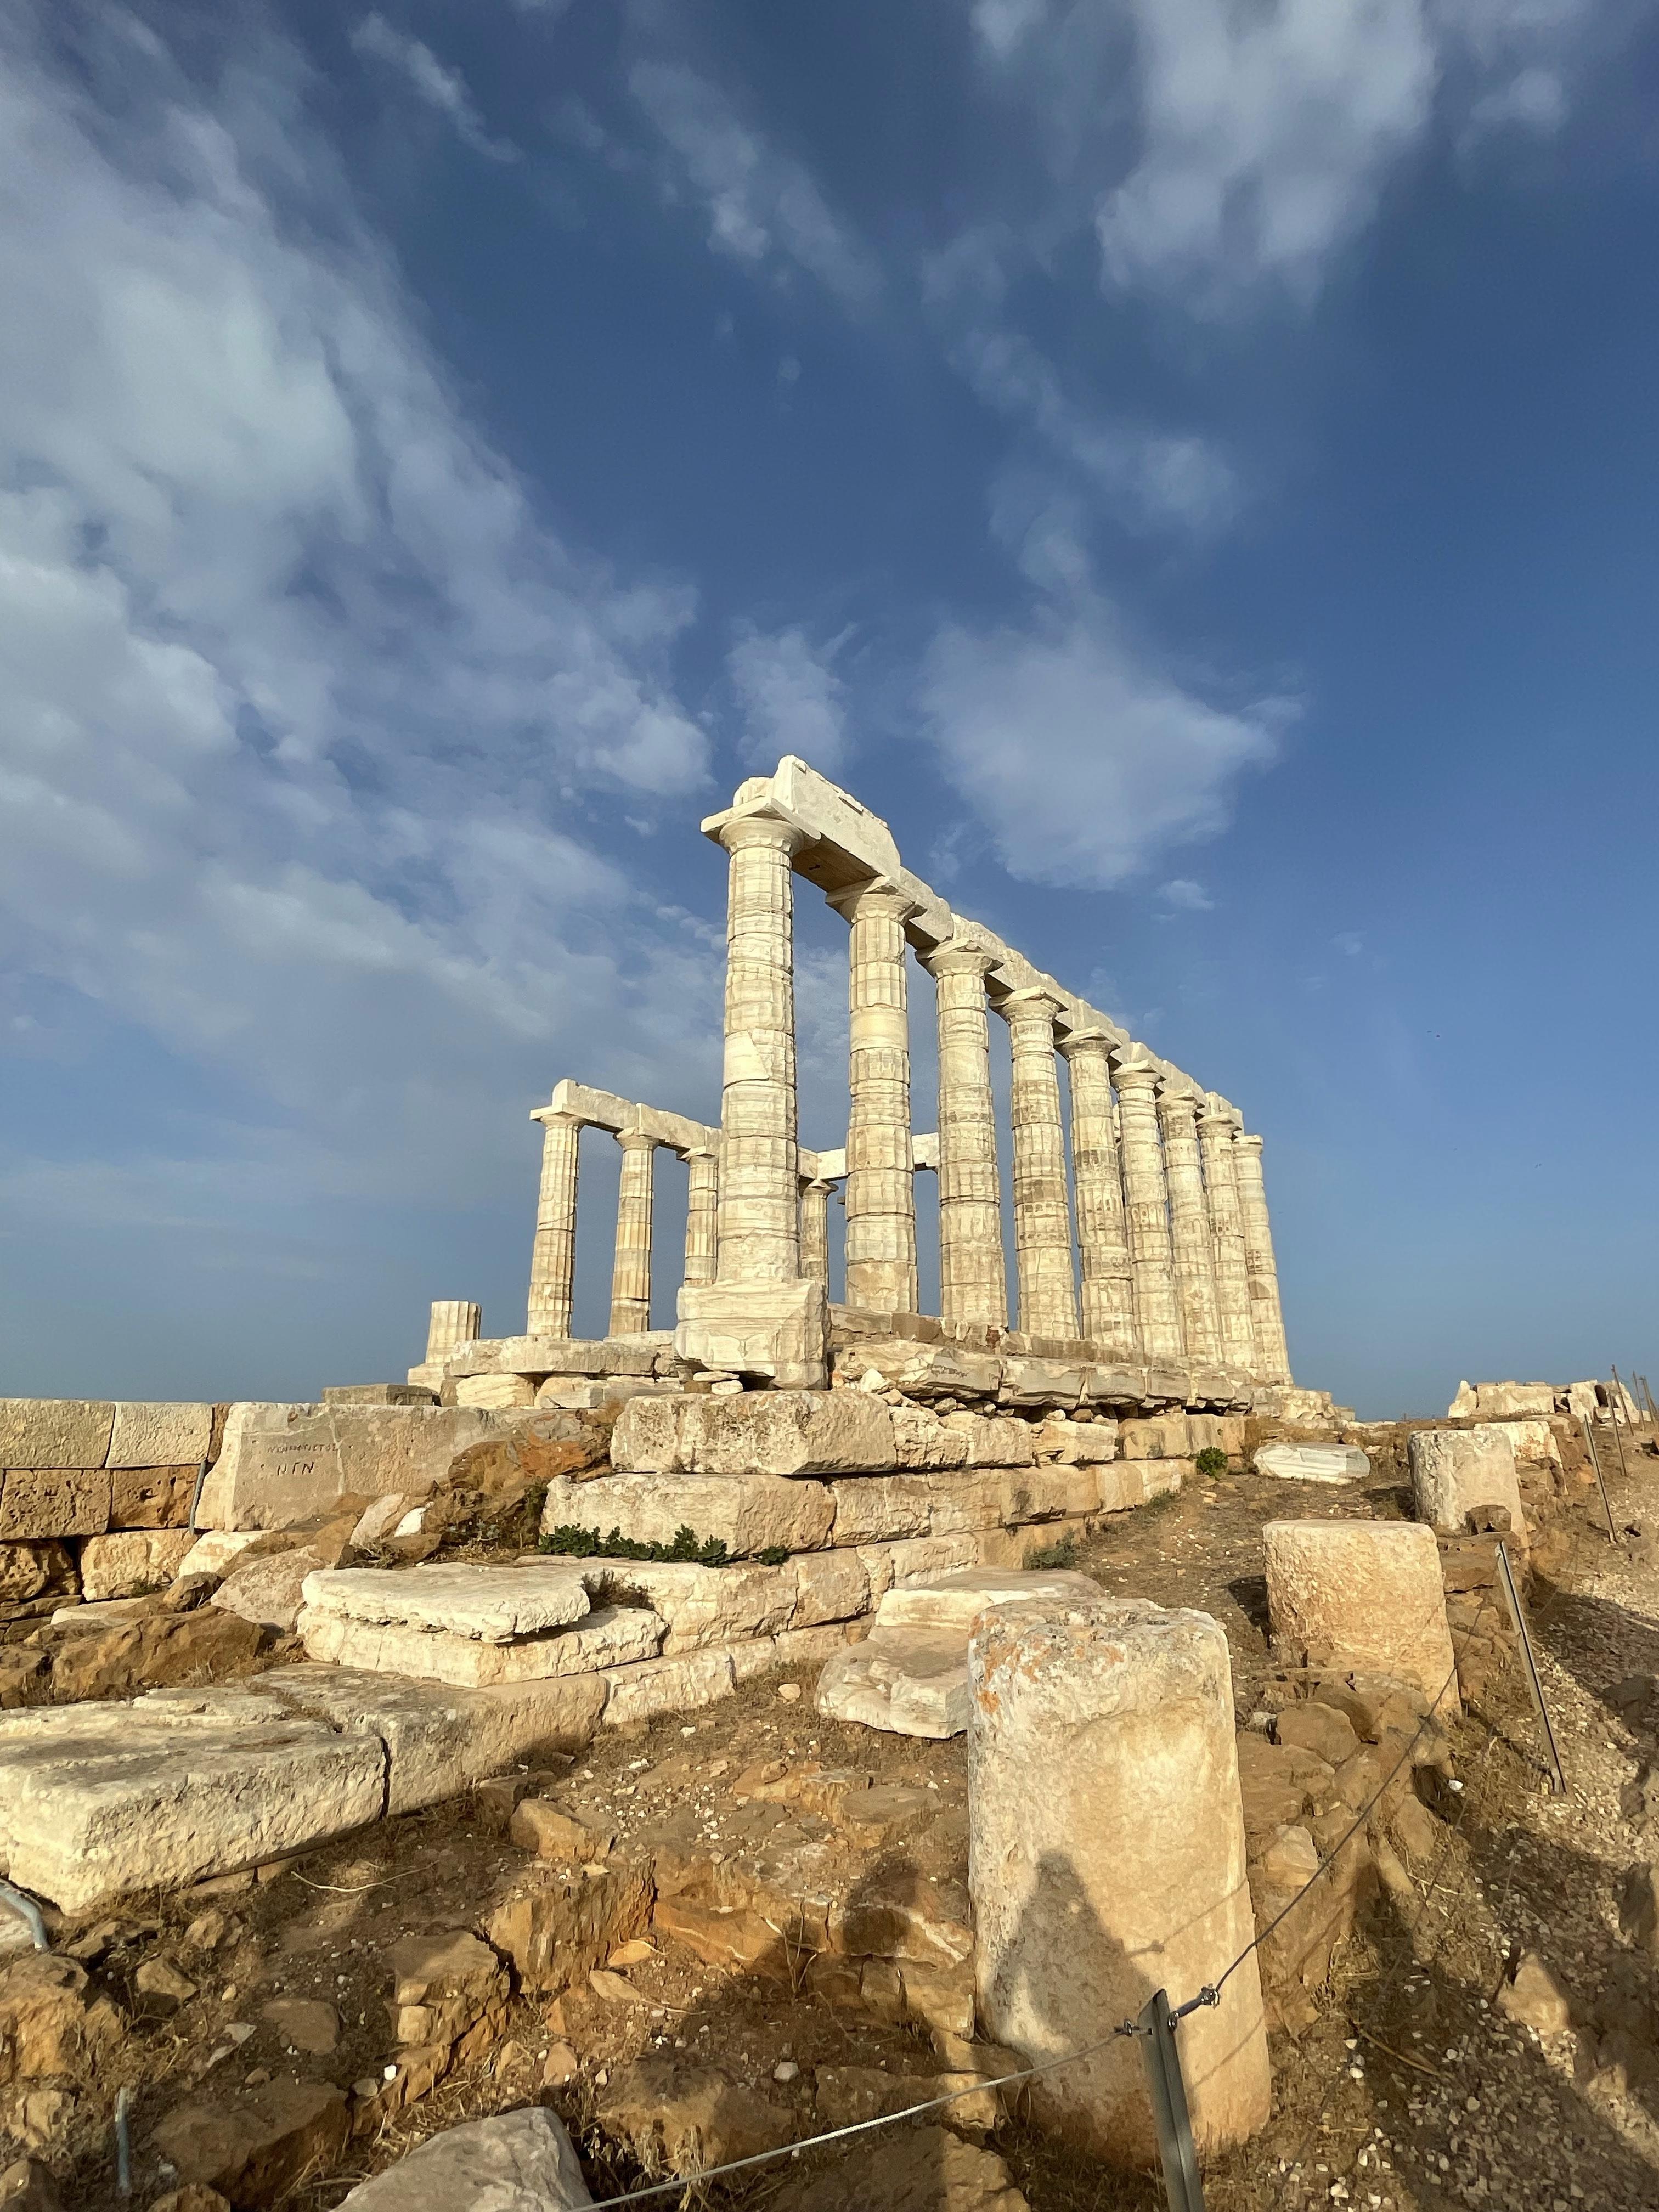 Tour the Temple of Poseidon